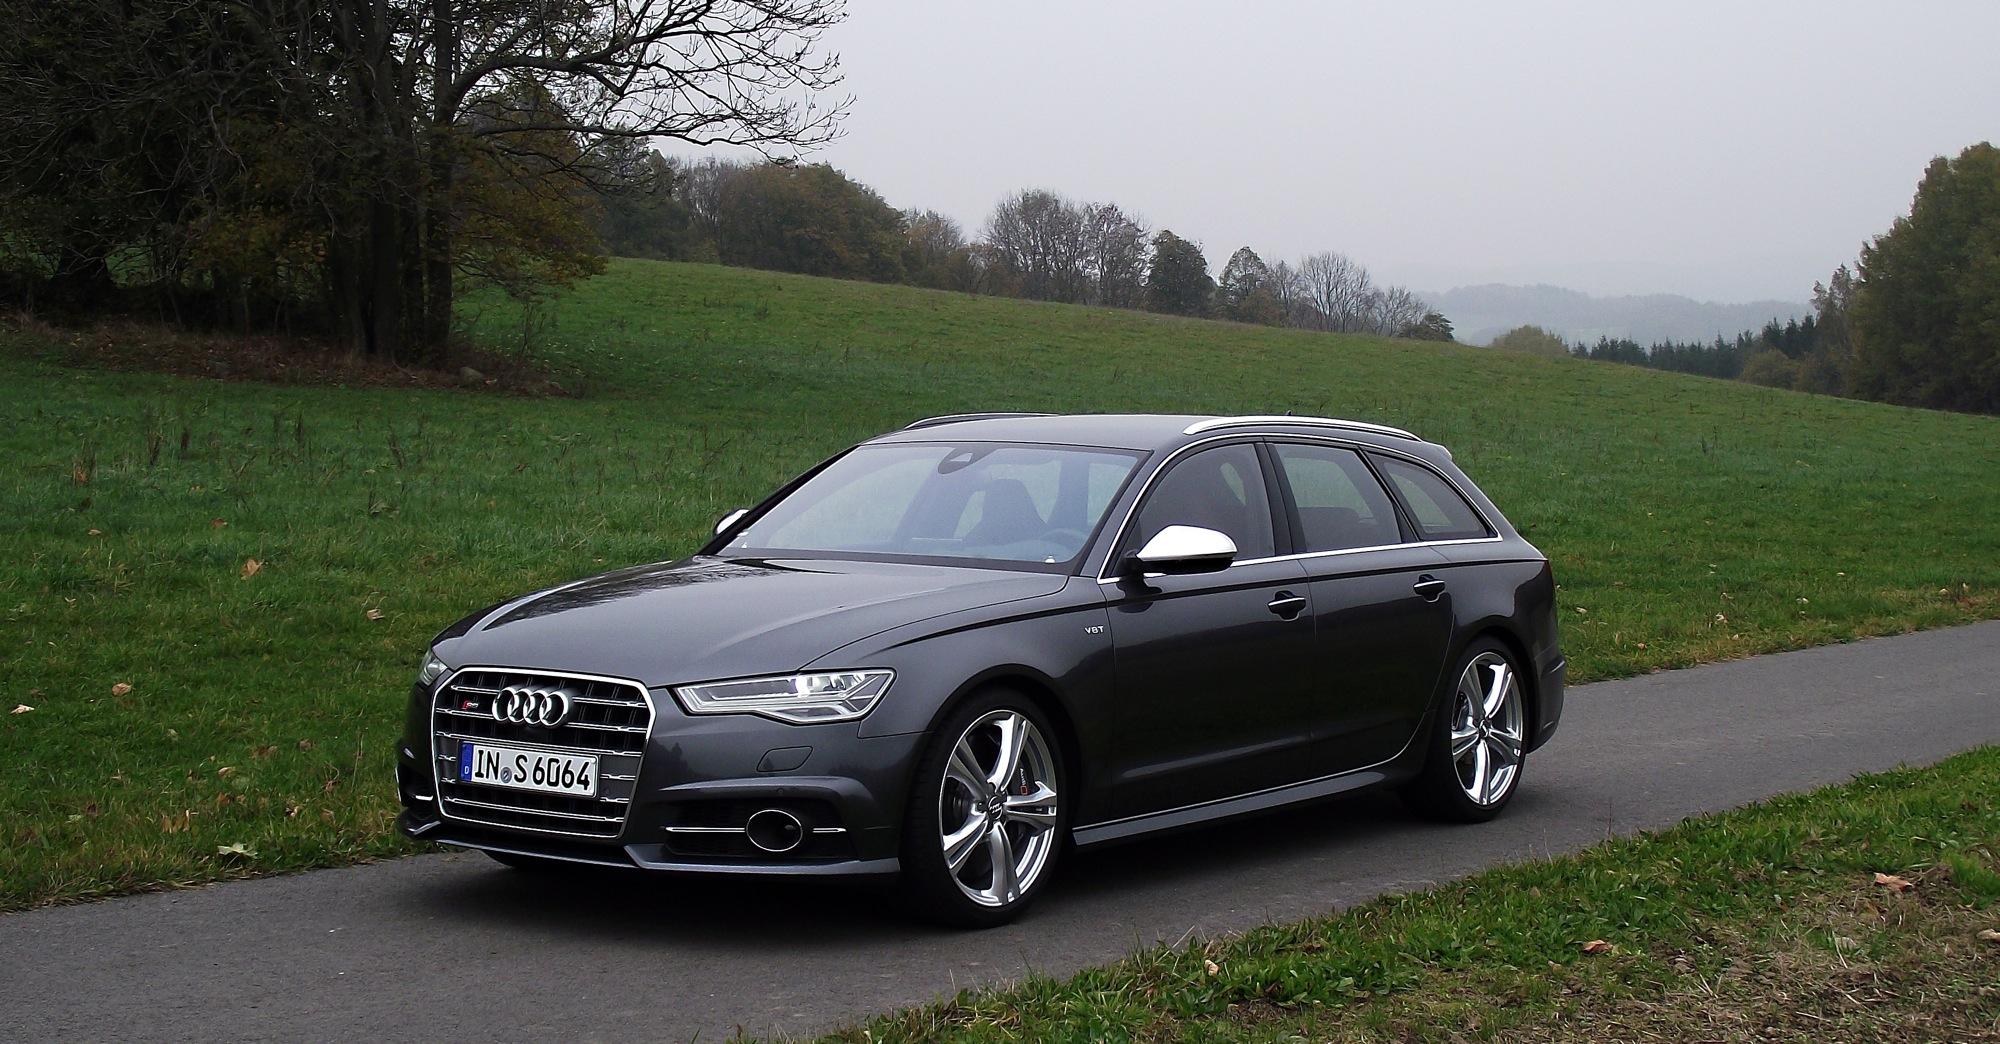 Audi s3 2015 wiki 10